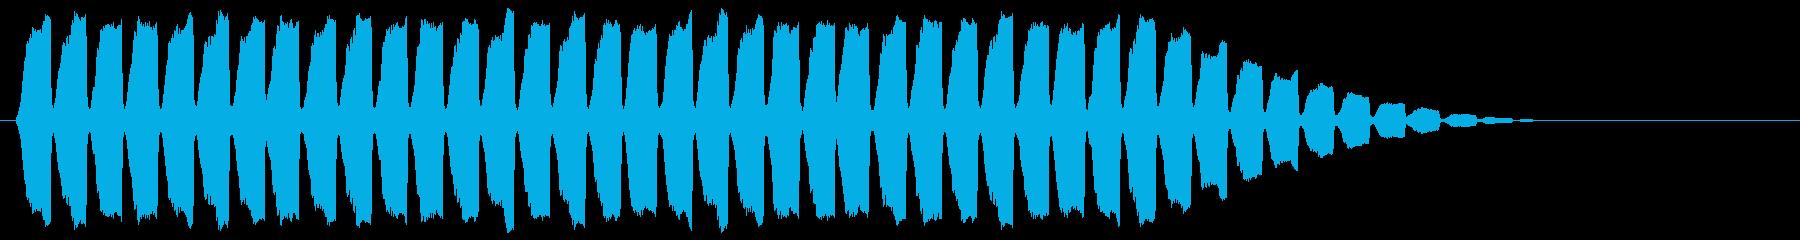 「サイレン」救急車/緊急_000の再生済みの波形